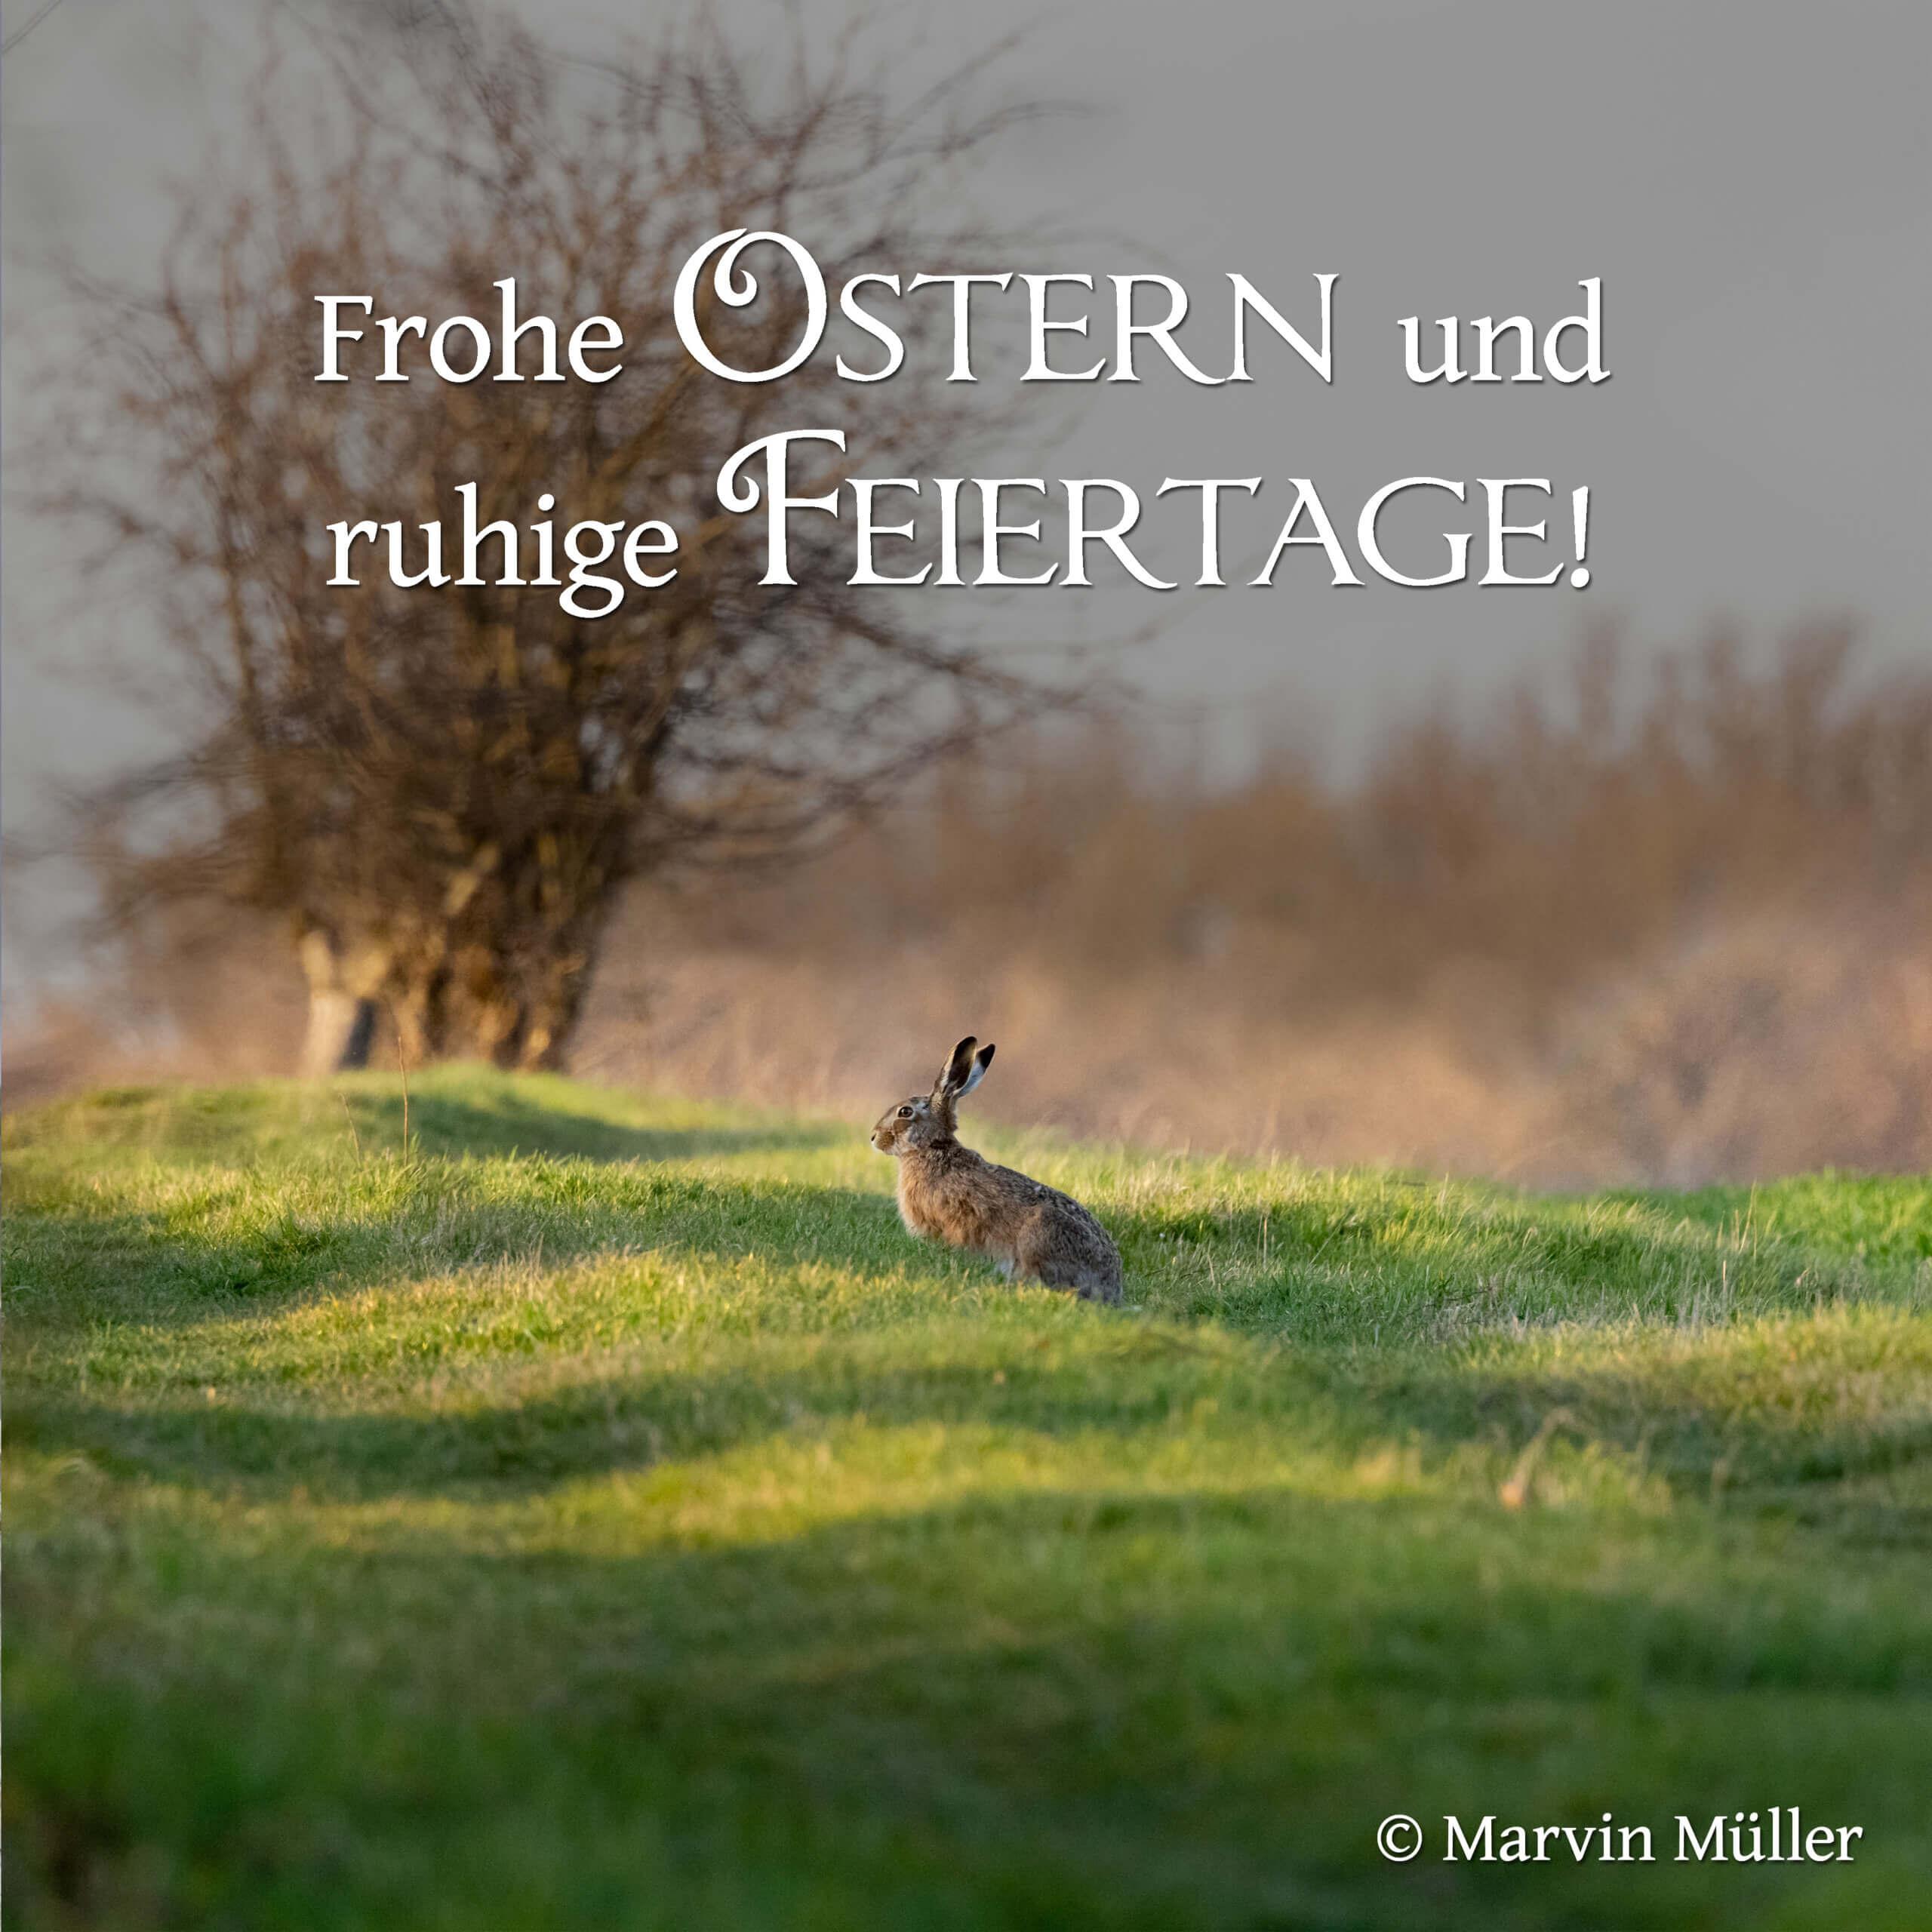 Ostern 2021 - Ein Hase im Gras